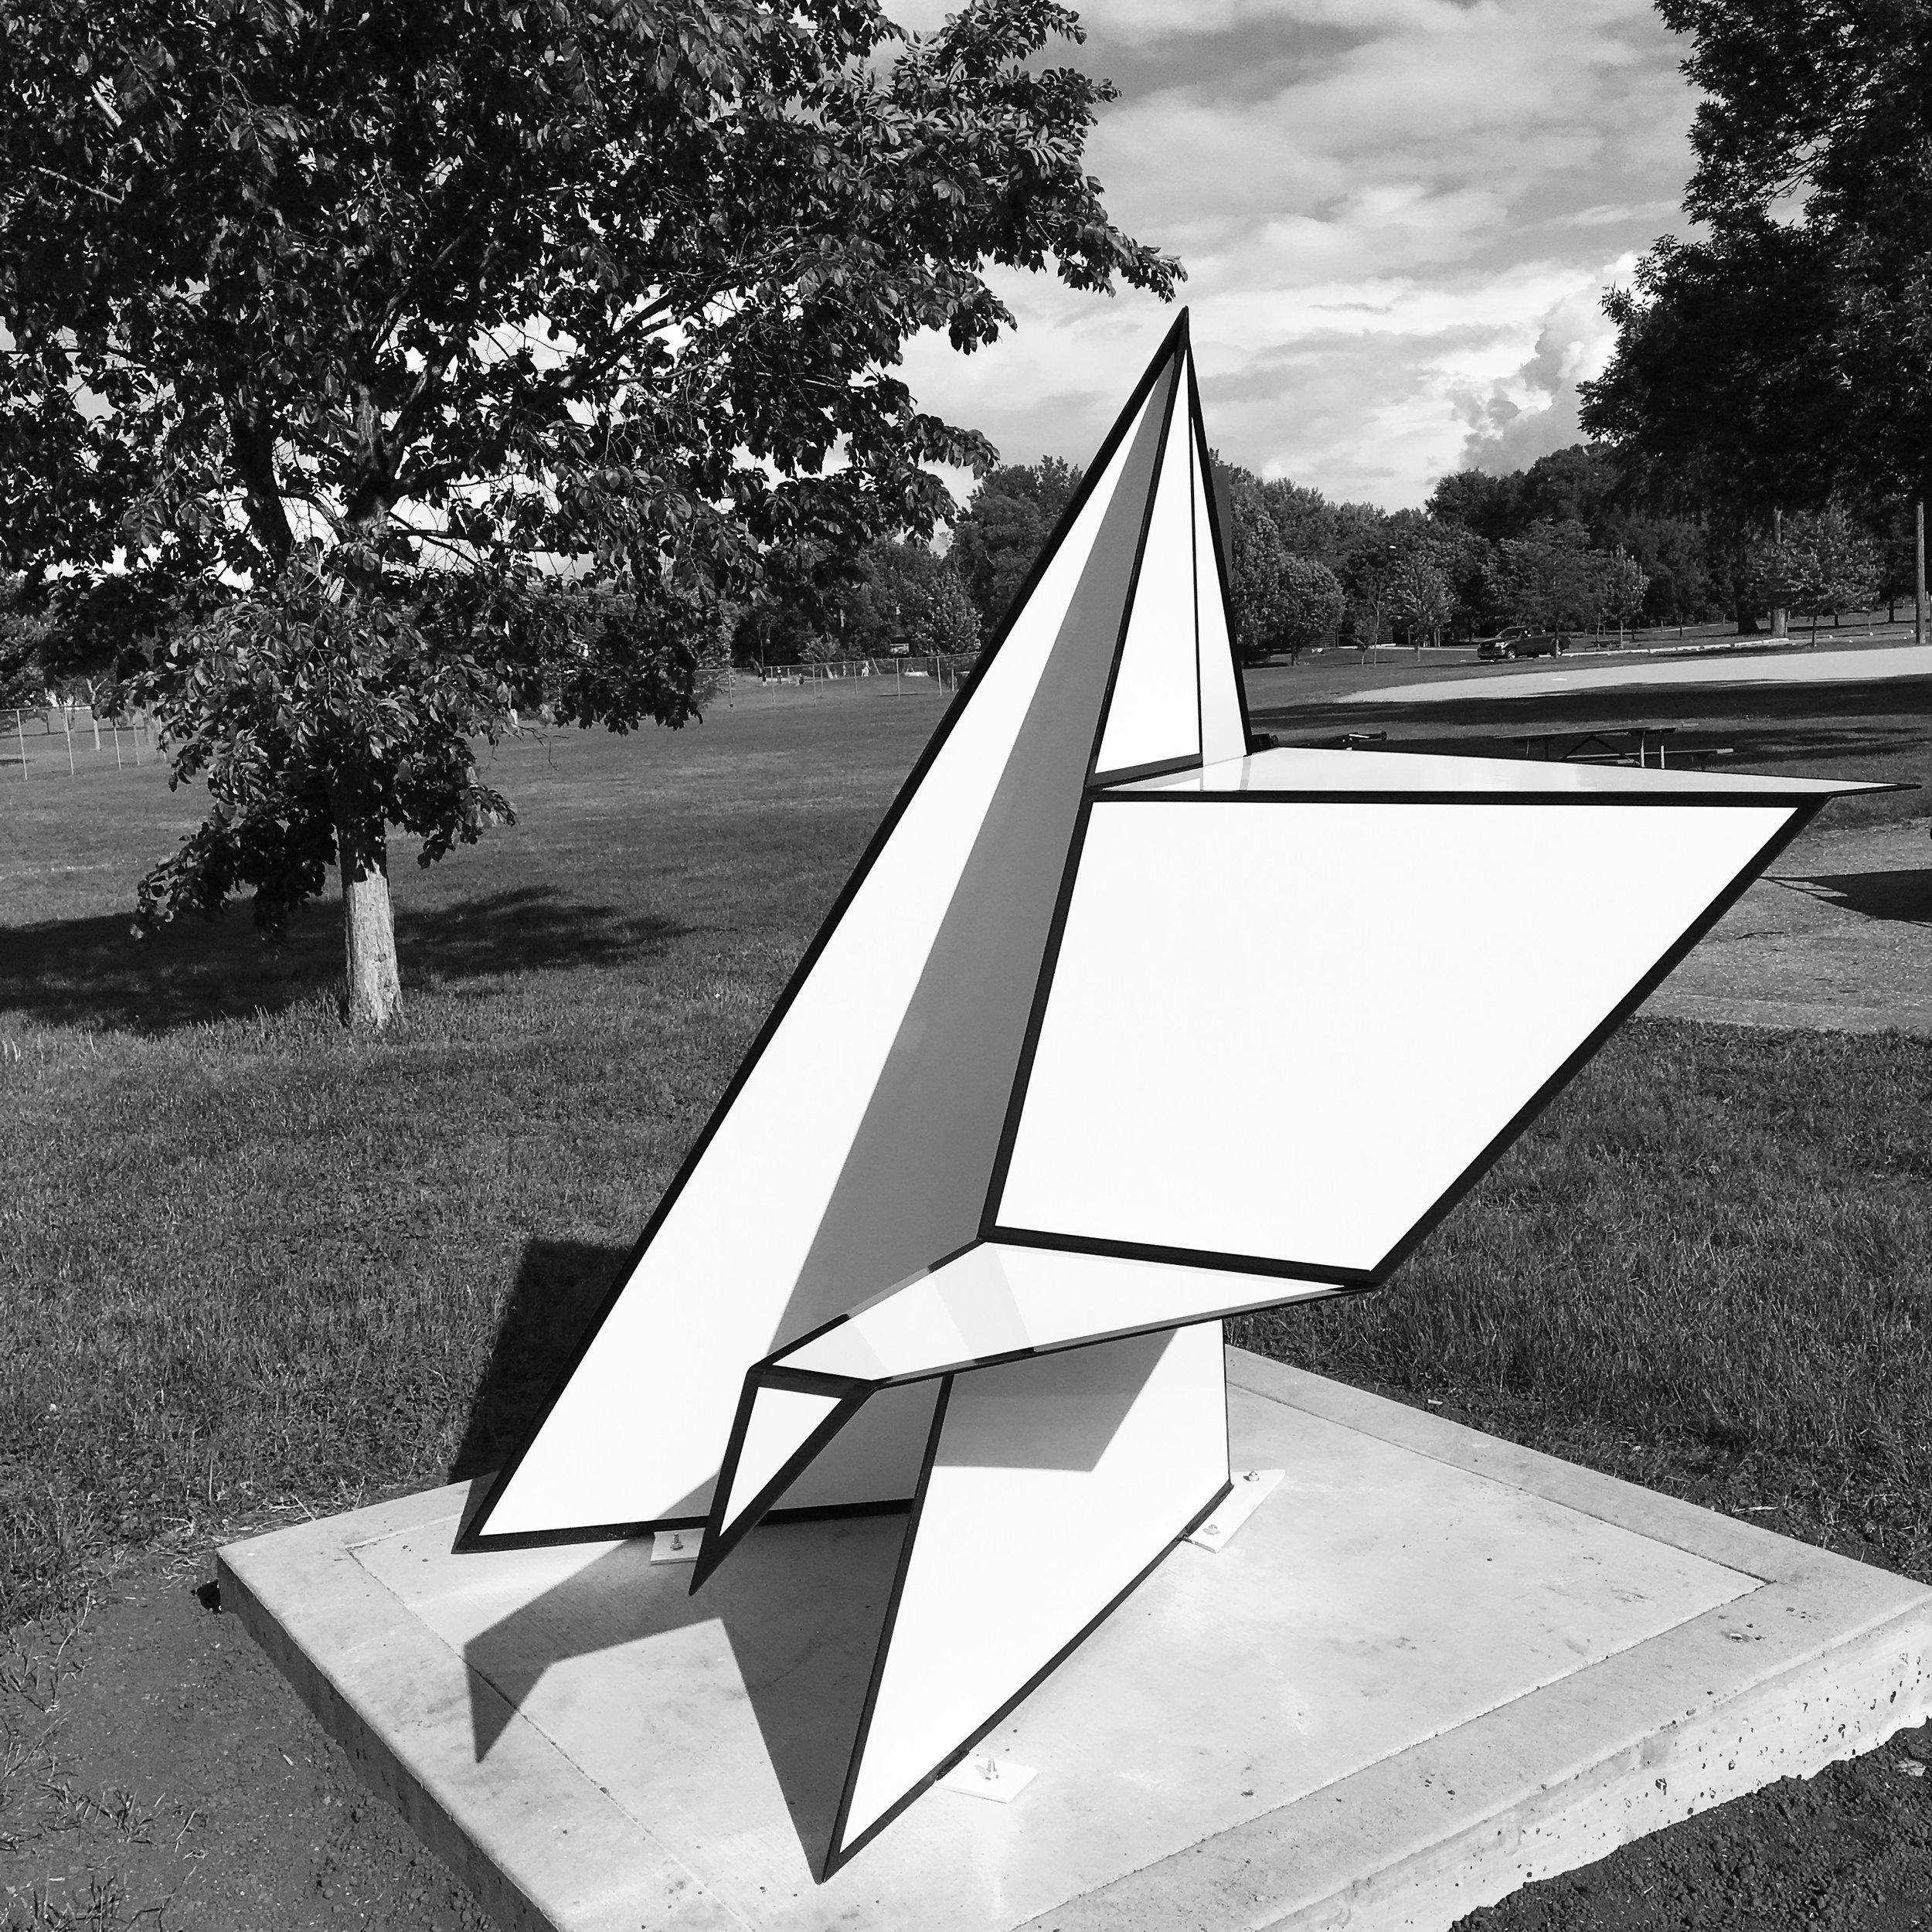 sculpture BW back side.jpg